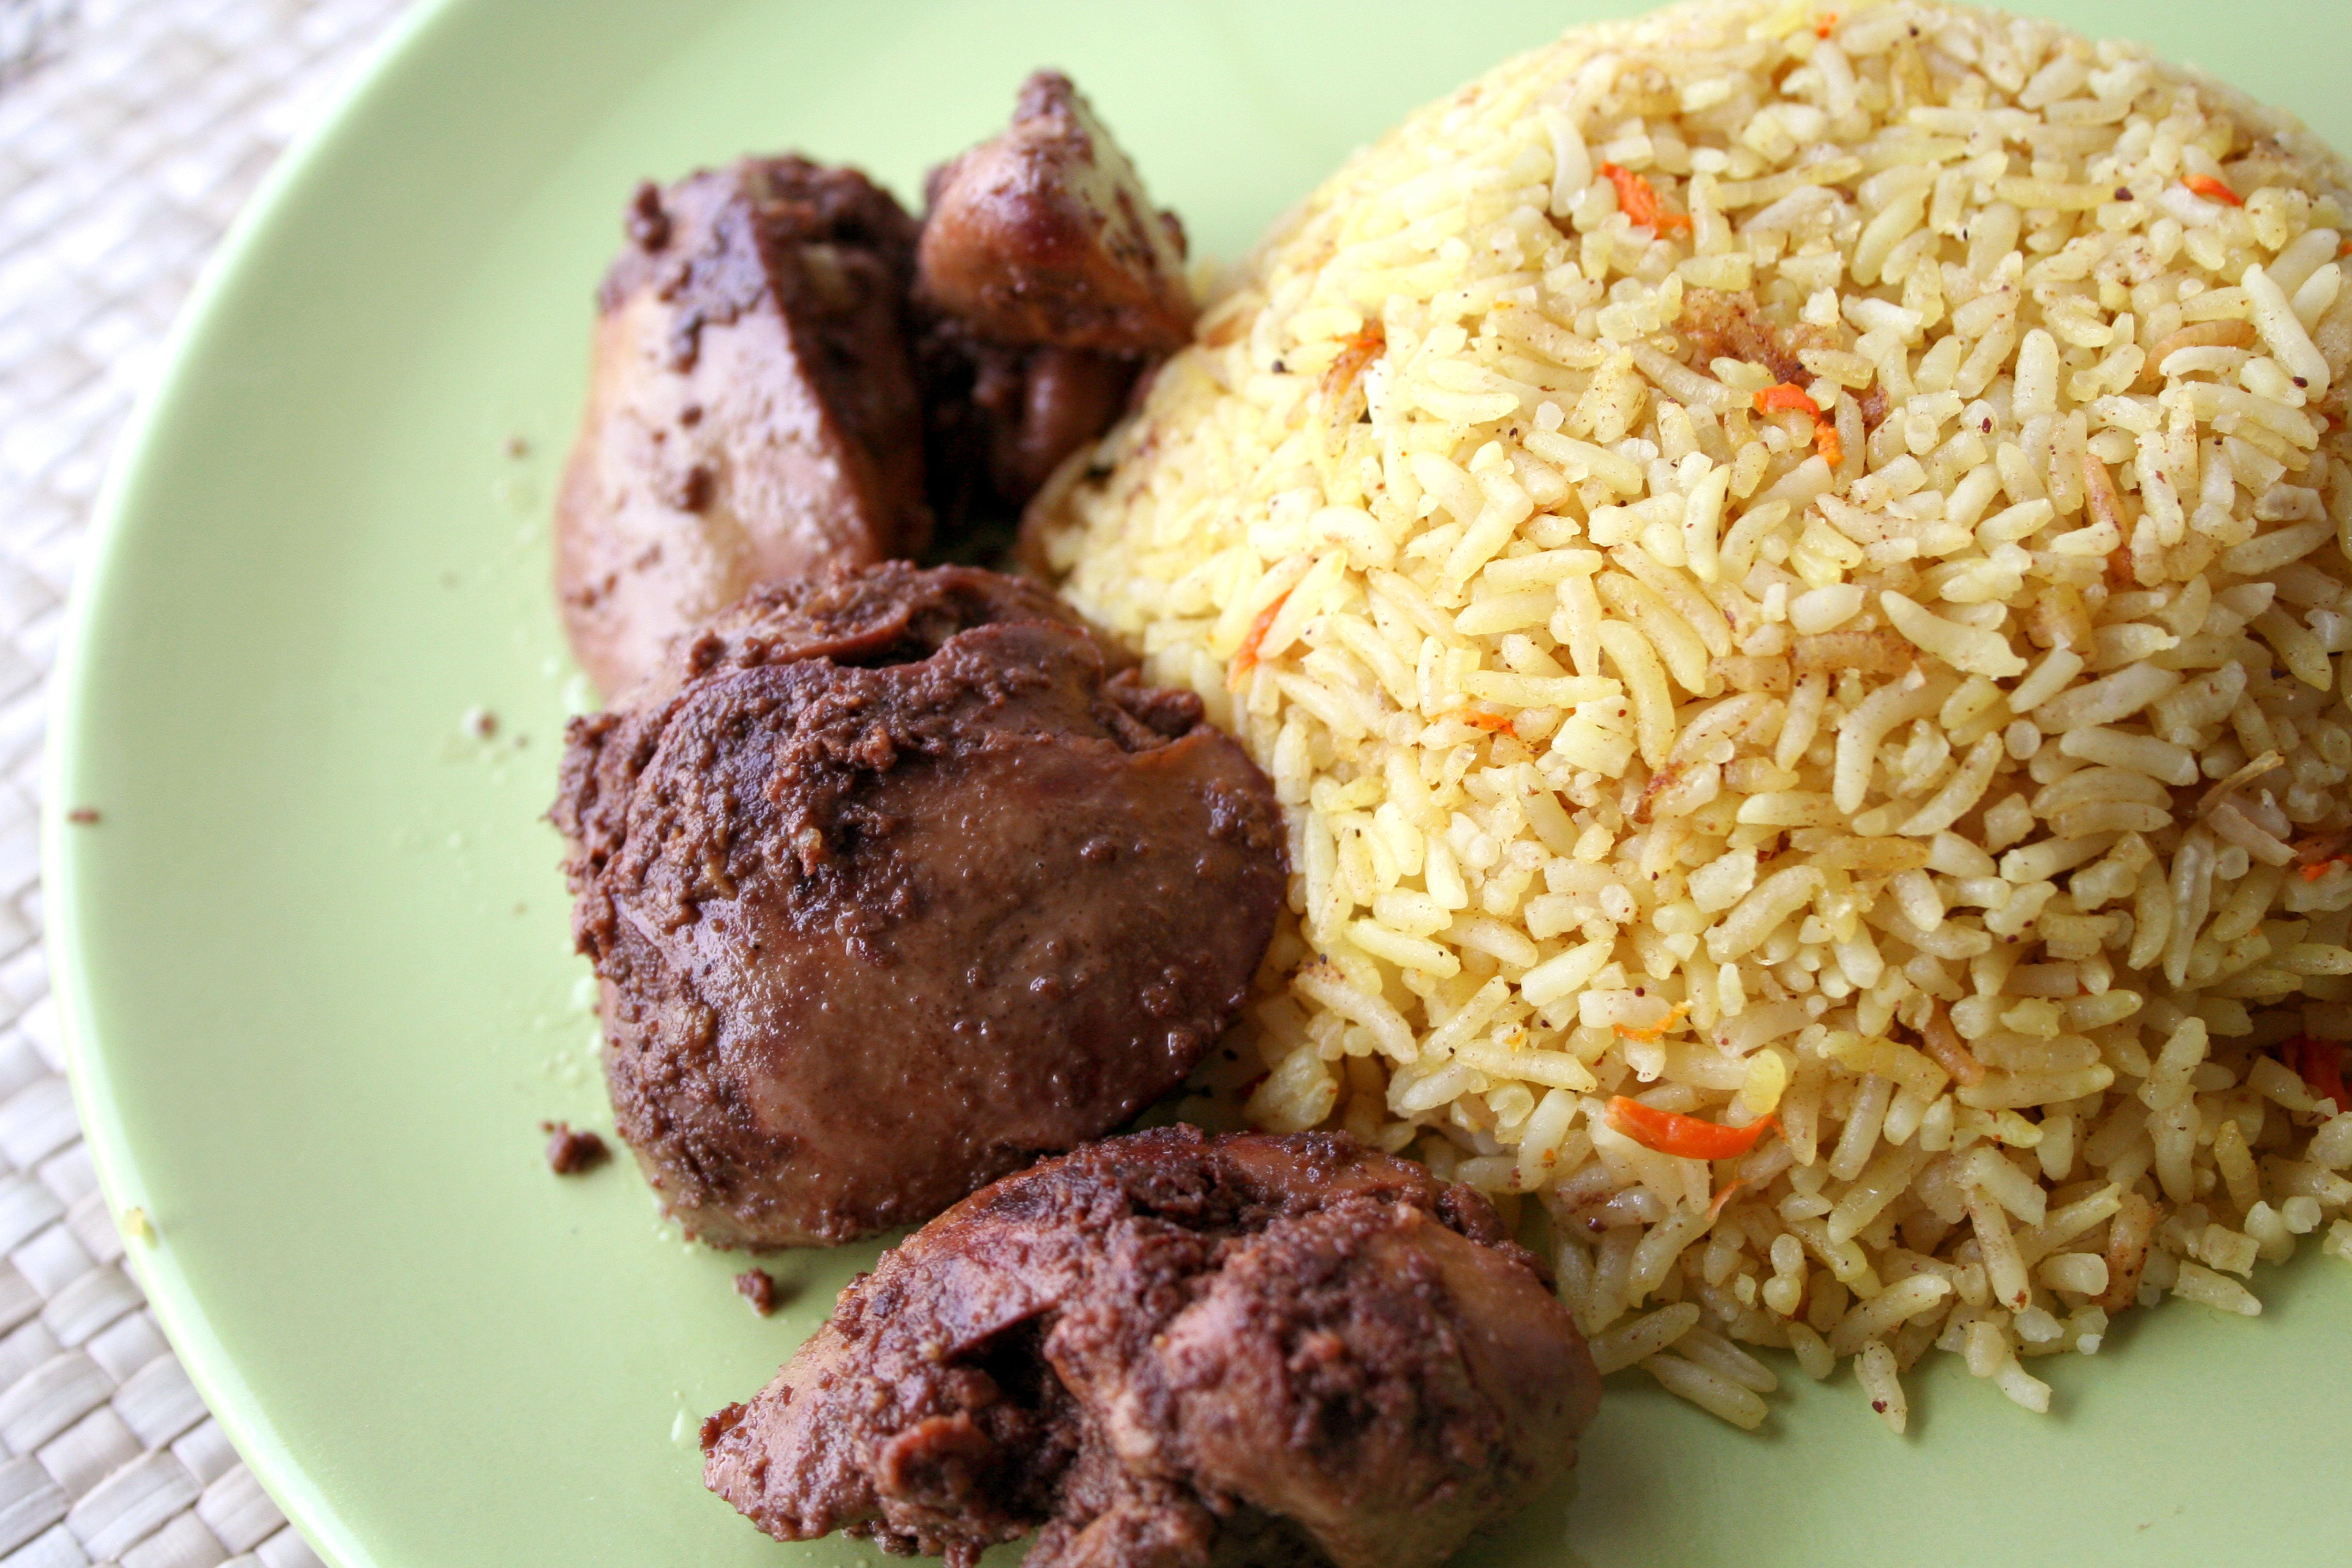 الأرز مع الكبد وفيروز تفاح